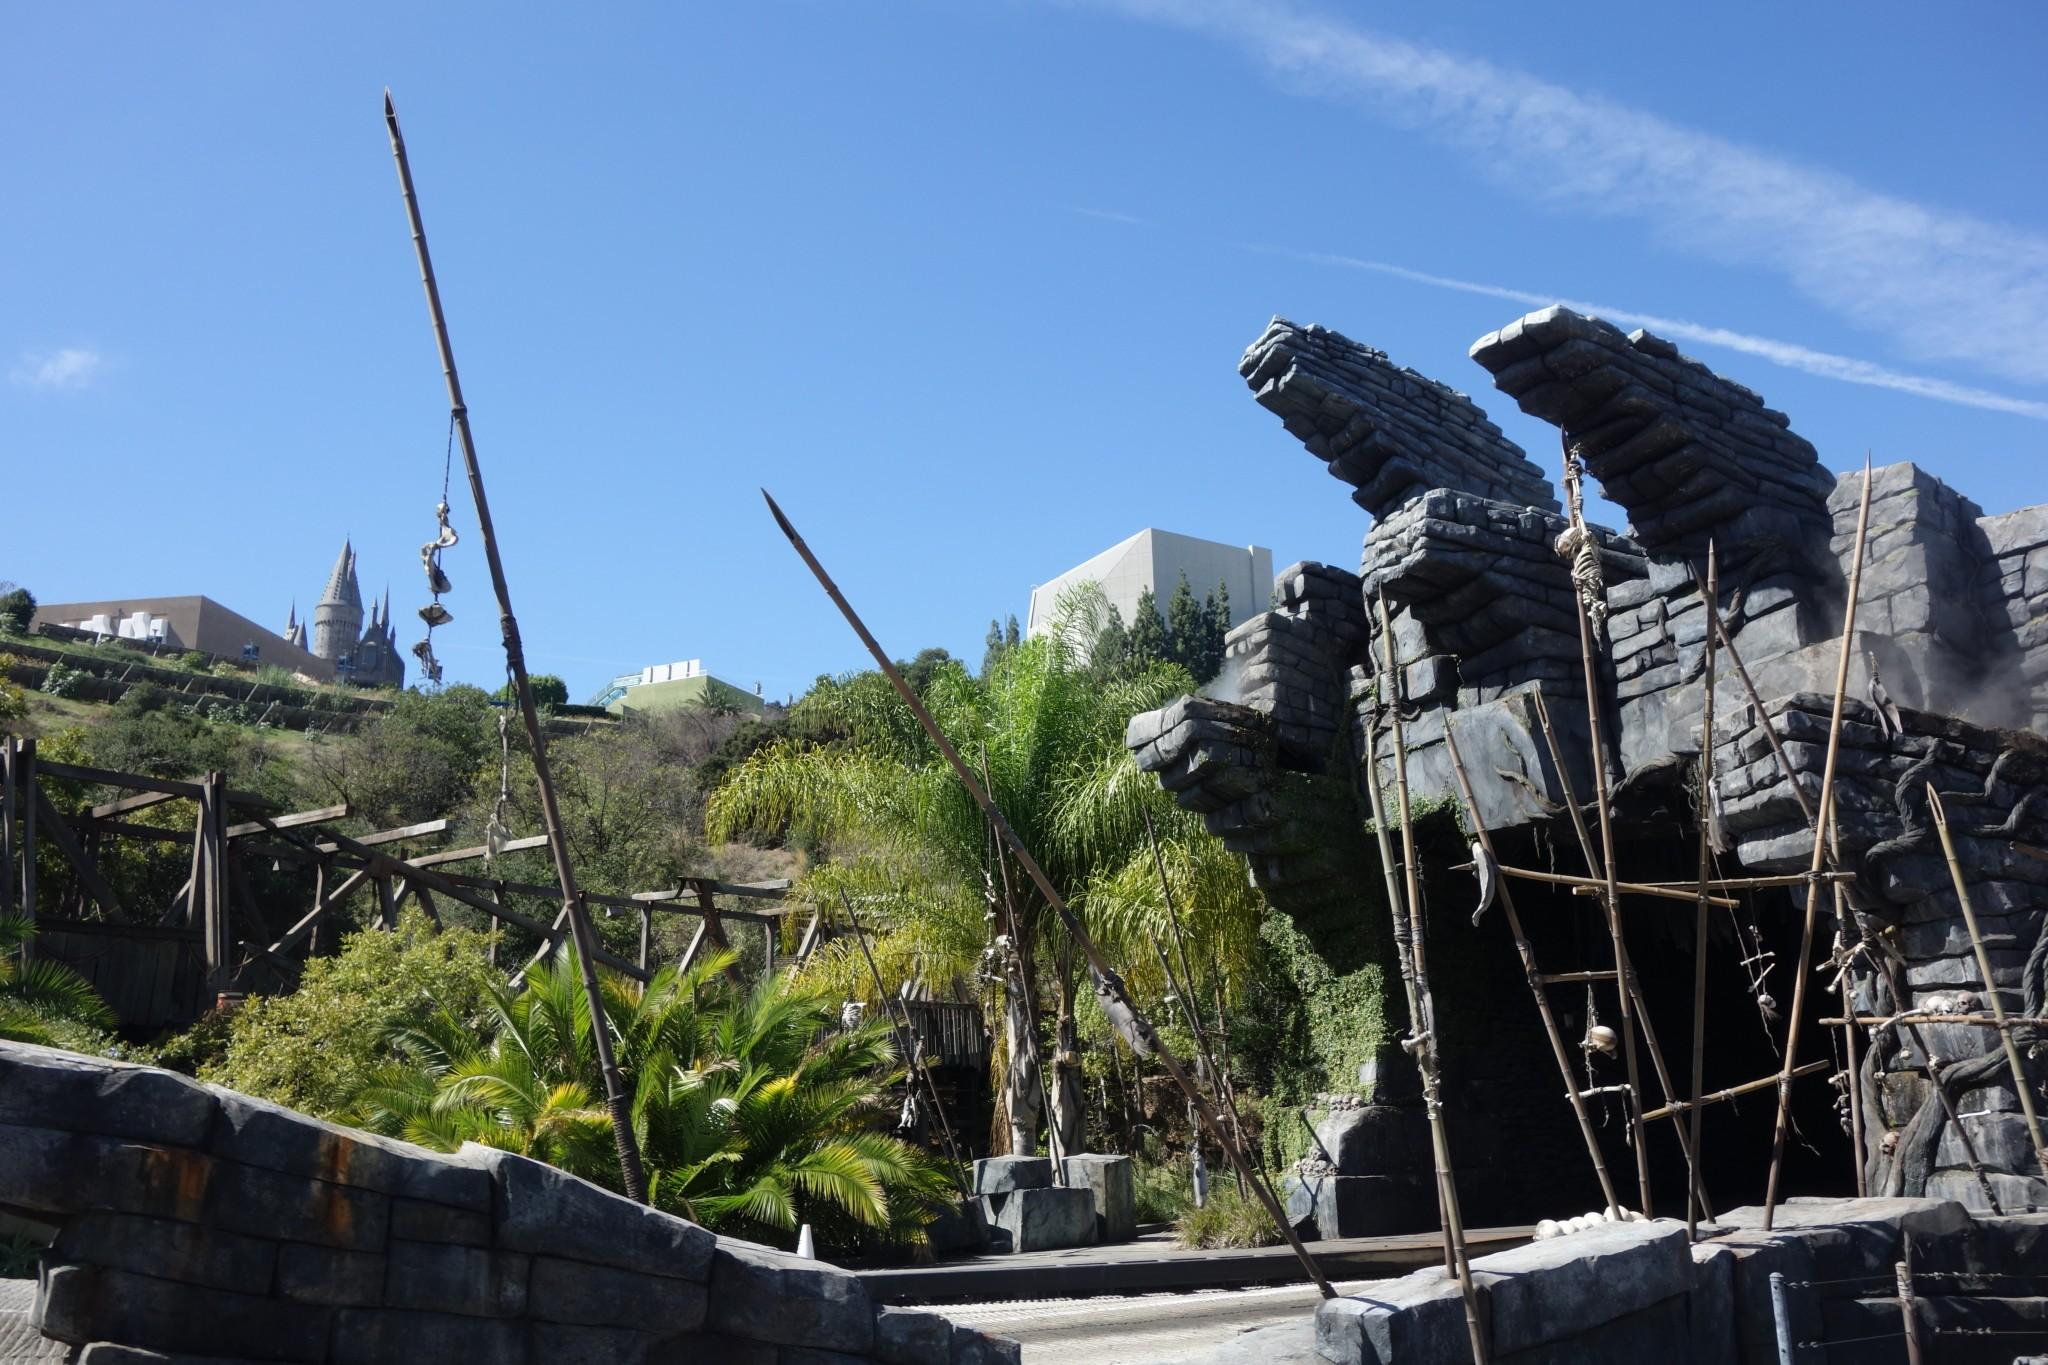 スリル満点!ユニバーサルスタジオ・ハリウッドの3D&4Dアトラクション